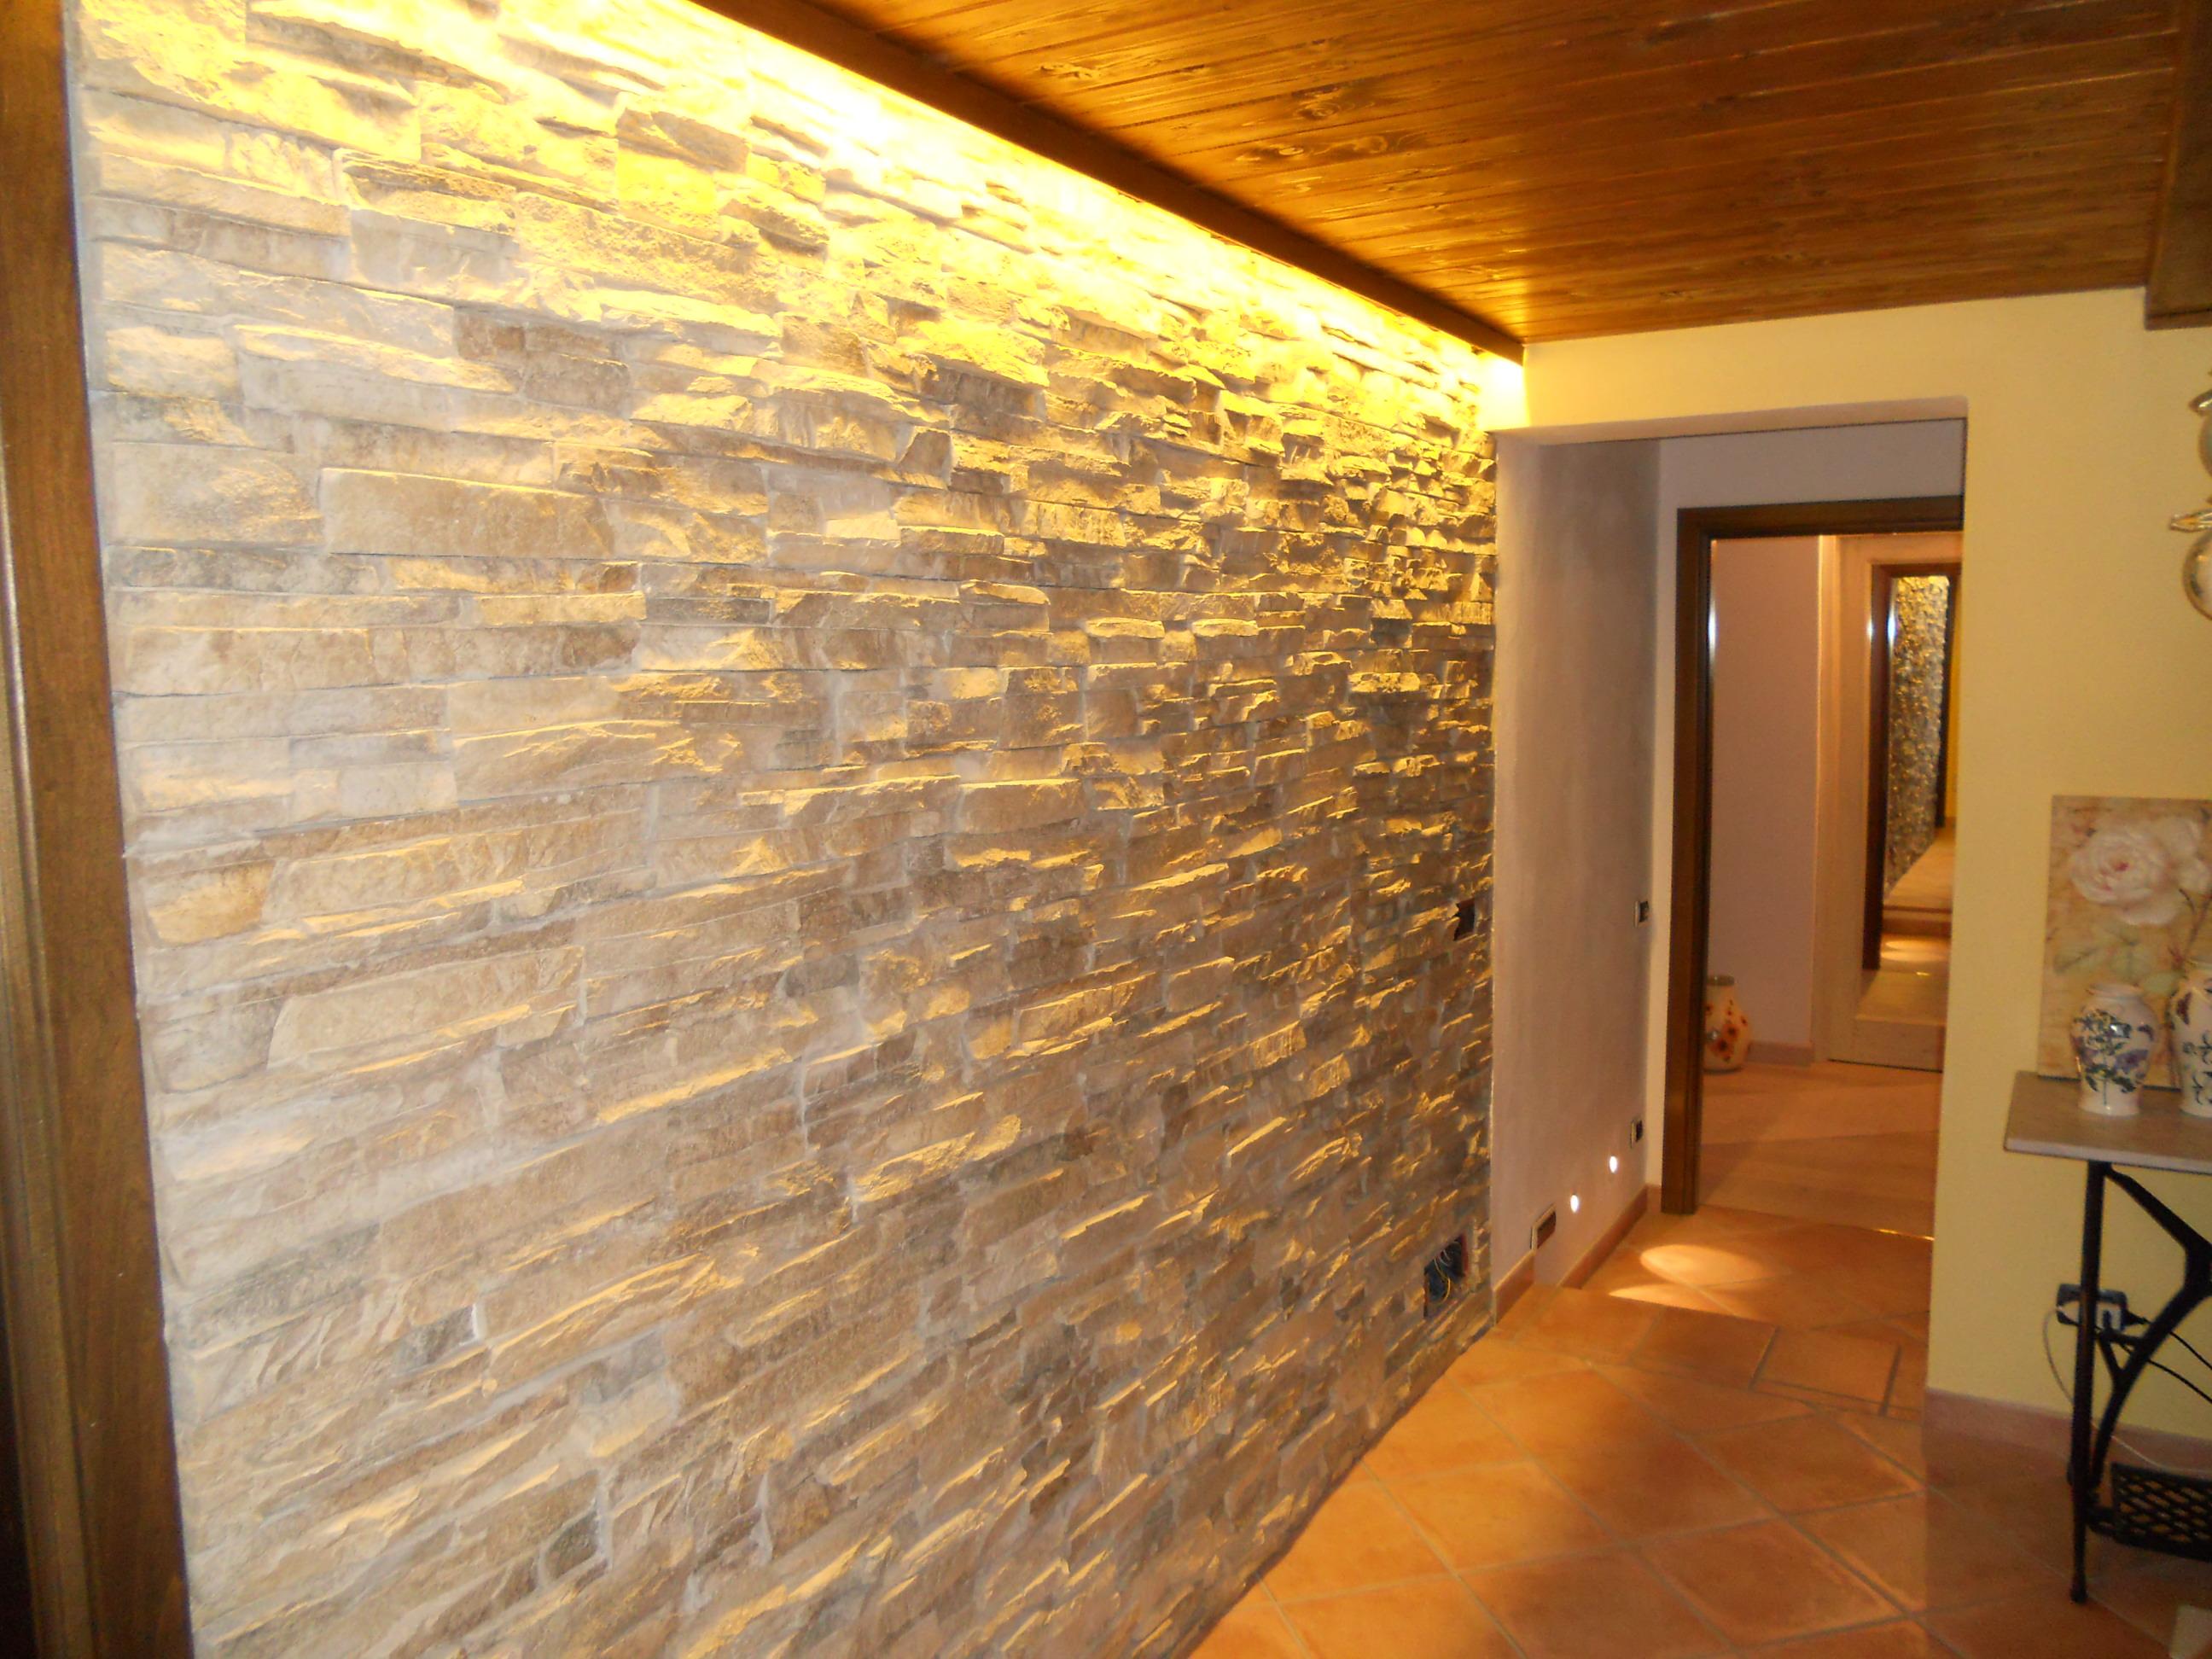 Parete In Pietra Soggiorno lavata luce parete pietra basaluzzo - lombardi lampadari